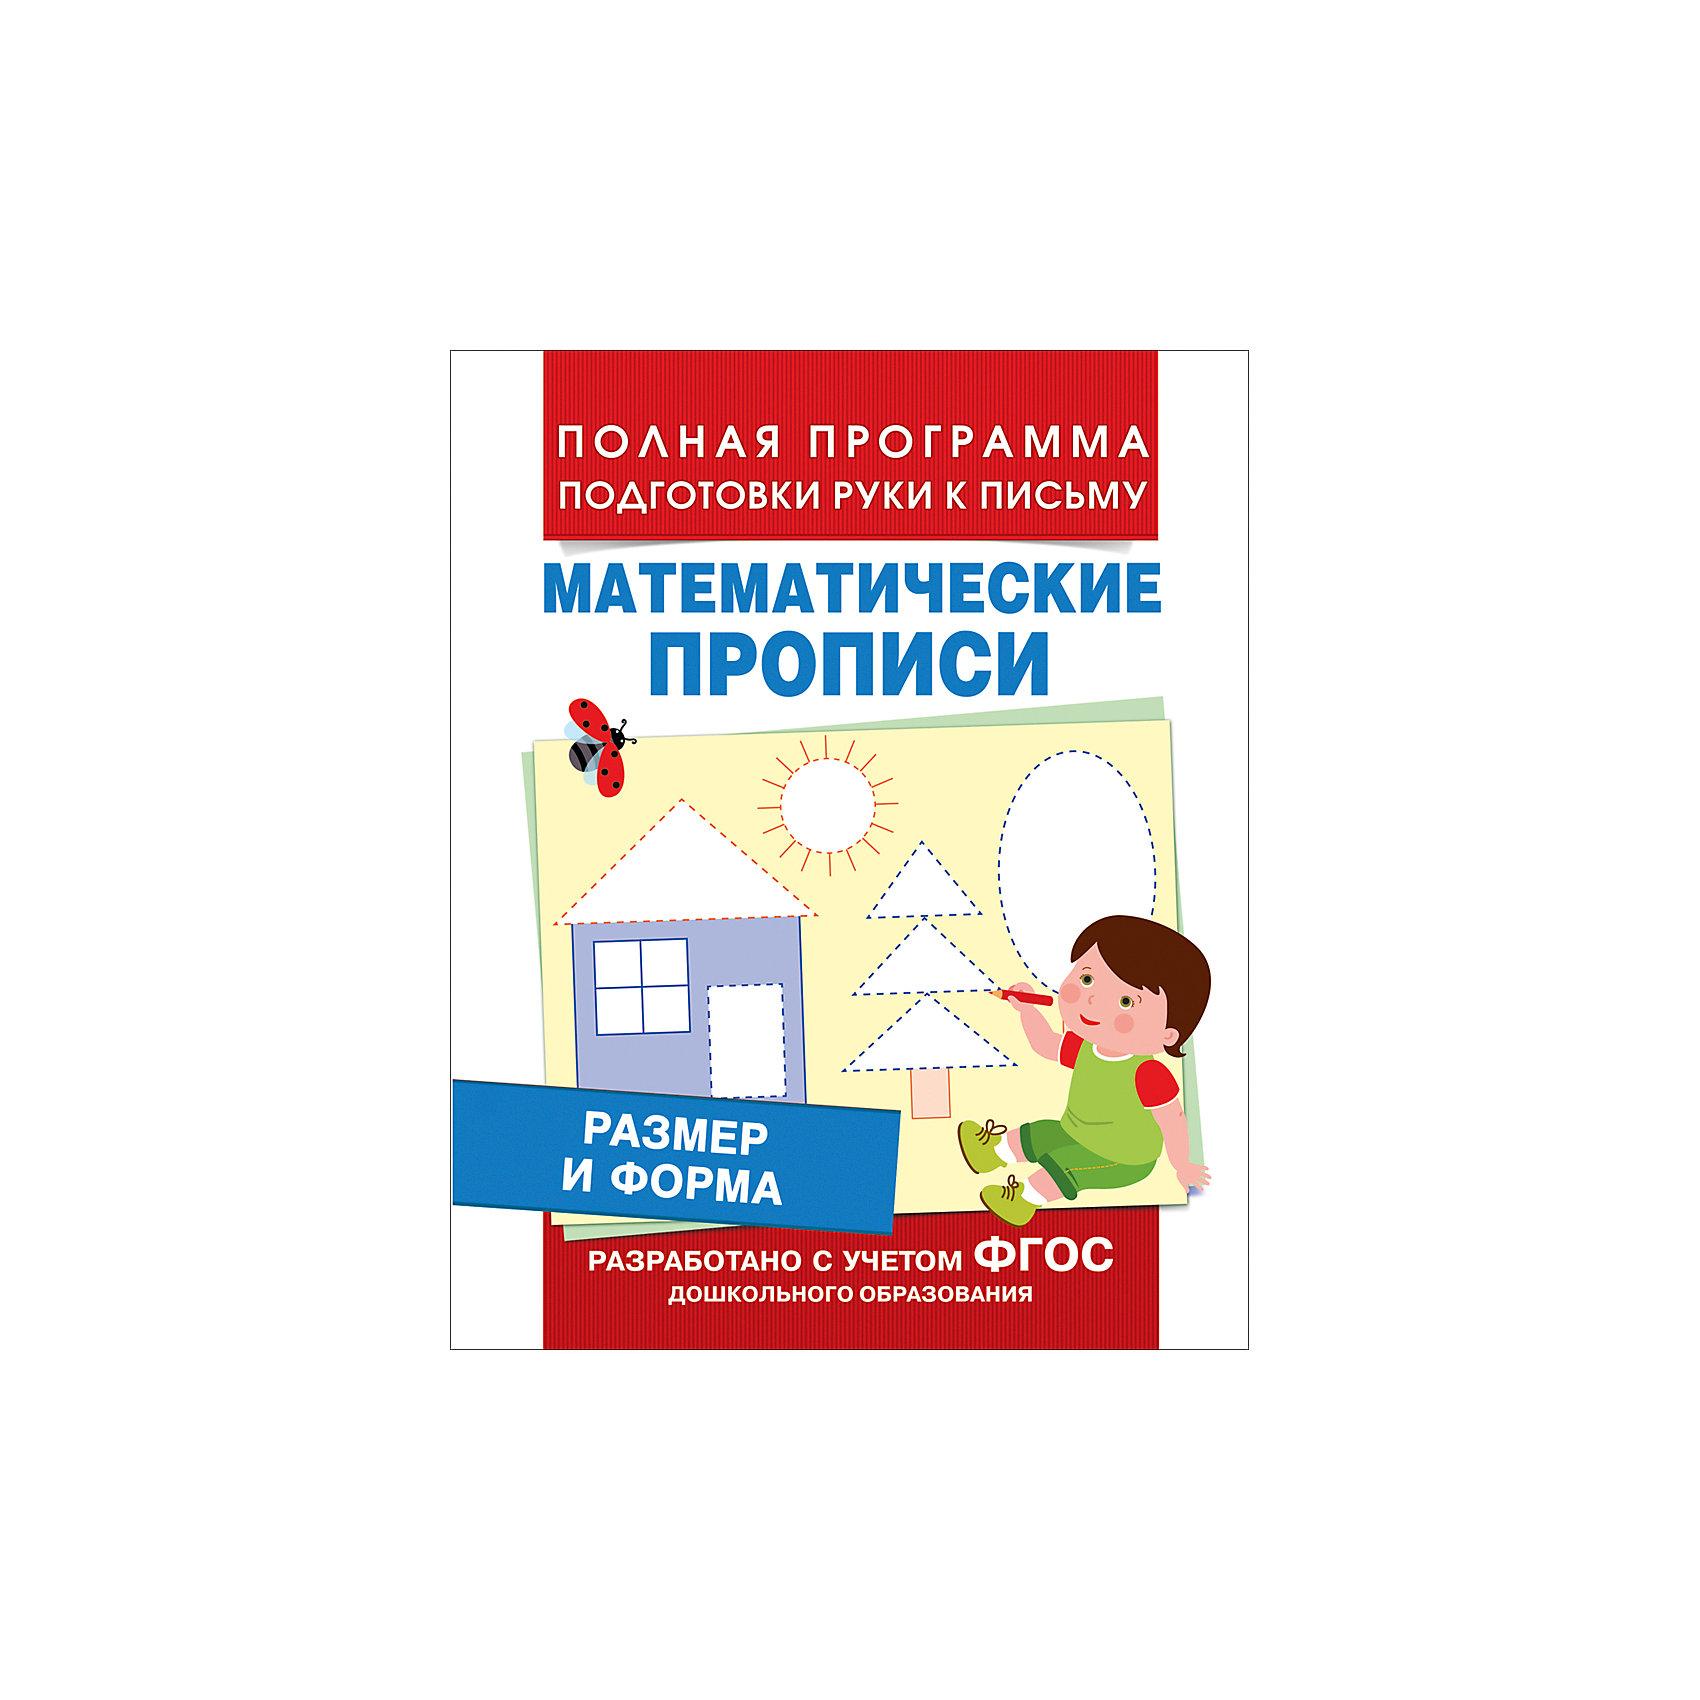 Математические прописи Размер и формаХарактеристики товара:<br><br>- цвет: разноцветный;<br>- материал: бумага;<br>- страниц: 16;<br>- формат: 16 х 20 см;<br>- обложка: мягкая;<br>- развивающее издание.<br><br>Это интересное развивающее издание станет отличным подарком для родителей и ребенка. Оно содержит в себе задания в игровой форме, с помощью которых учиться писать гораздо проще. Всё представлено в очень простой форме! Это издание поможет привить любовь к учебе!<br>Такое обучение помогает ребенку развивать зрительную память, концентрацию внимания и воображение. Издание произведено из качественных материалов, которые безопасны даже для самых маленьких.<br><br>Издание Математические прописи Размер и форма от компании Росмэн можно купить в нашем интернет-магазине.<br><br>Ширина мм: 205<br>Глубина мм: 160<br>Высота мм: 1<br>Вес г: 286<br>Возраст от месяцев: 60<br>Возраст до месяцев: 84<br>Пол: Унисекс<br>Возраст: Детский<br>SKU: 5110031